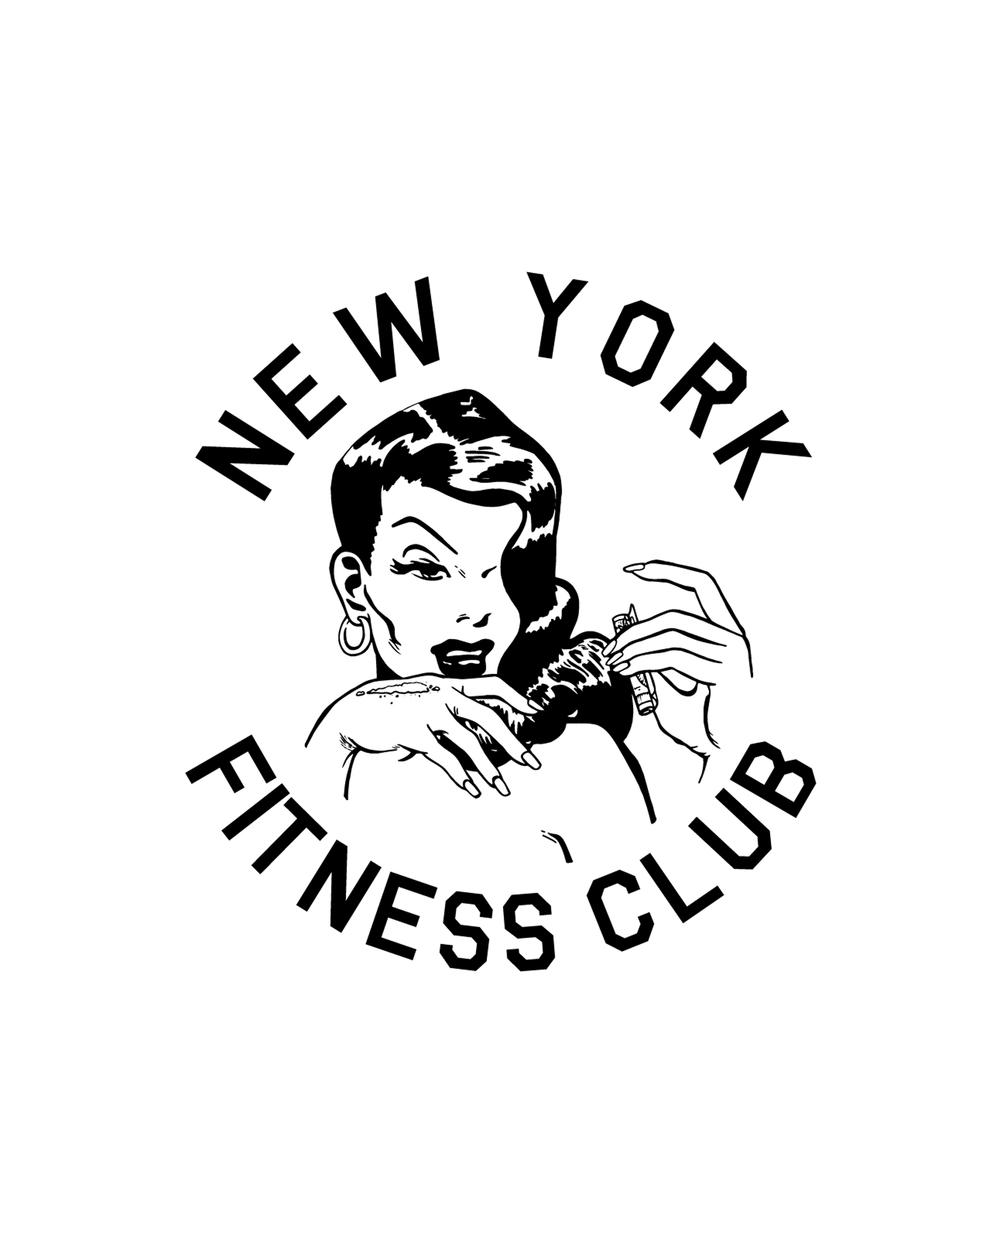 NY_fitness_club.jpg